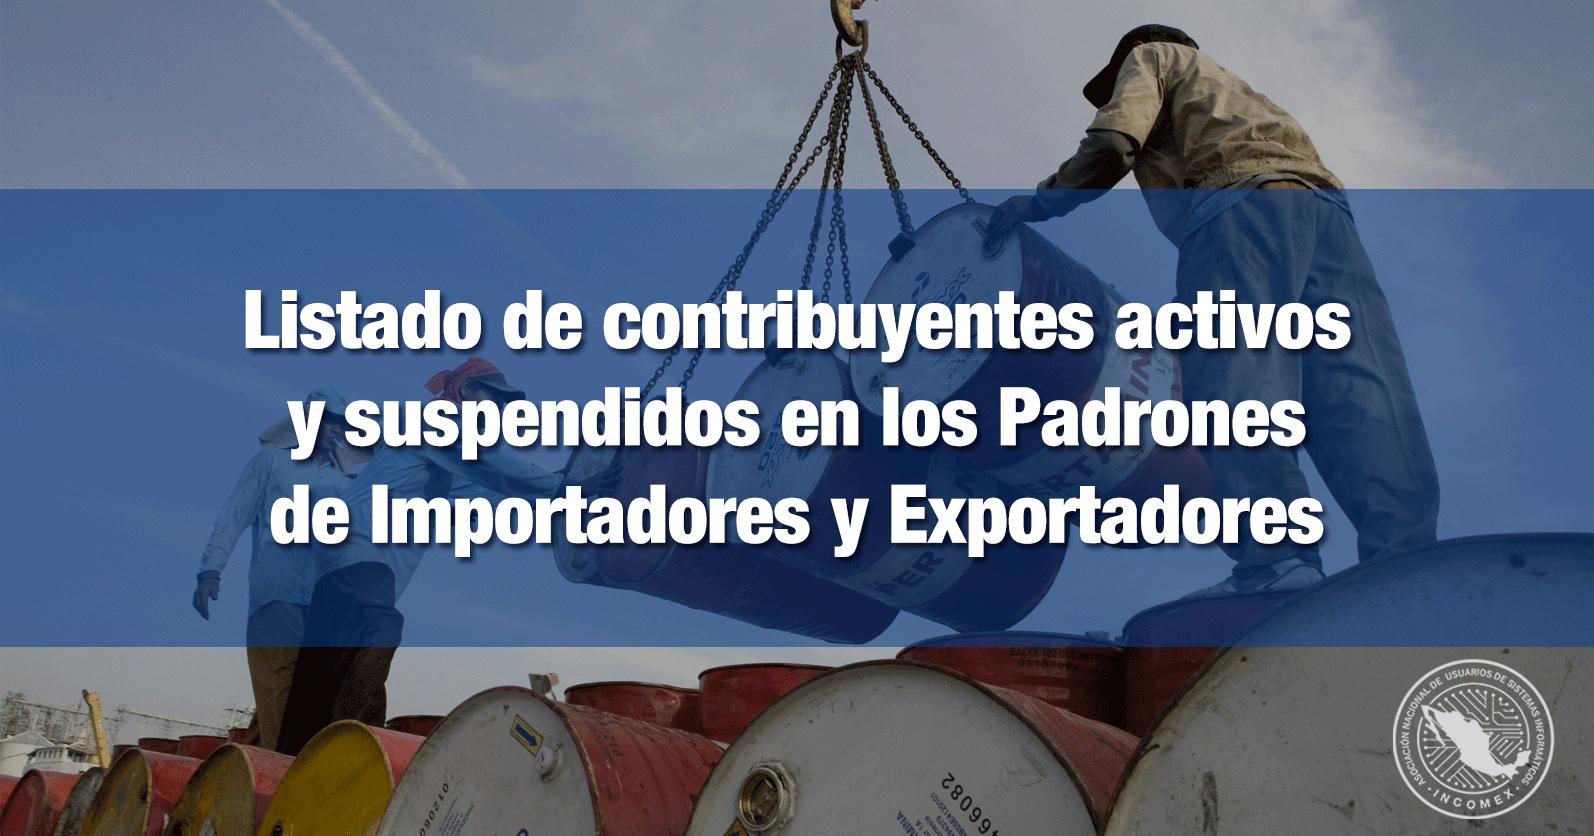 Listado de contribuyentes activos y suspendidos en los Padrones de Importadores y Exportadores